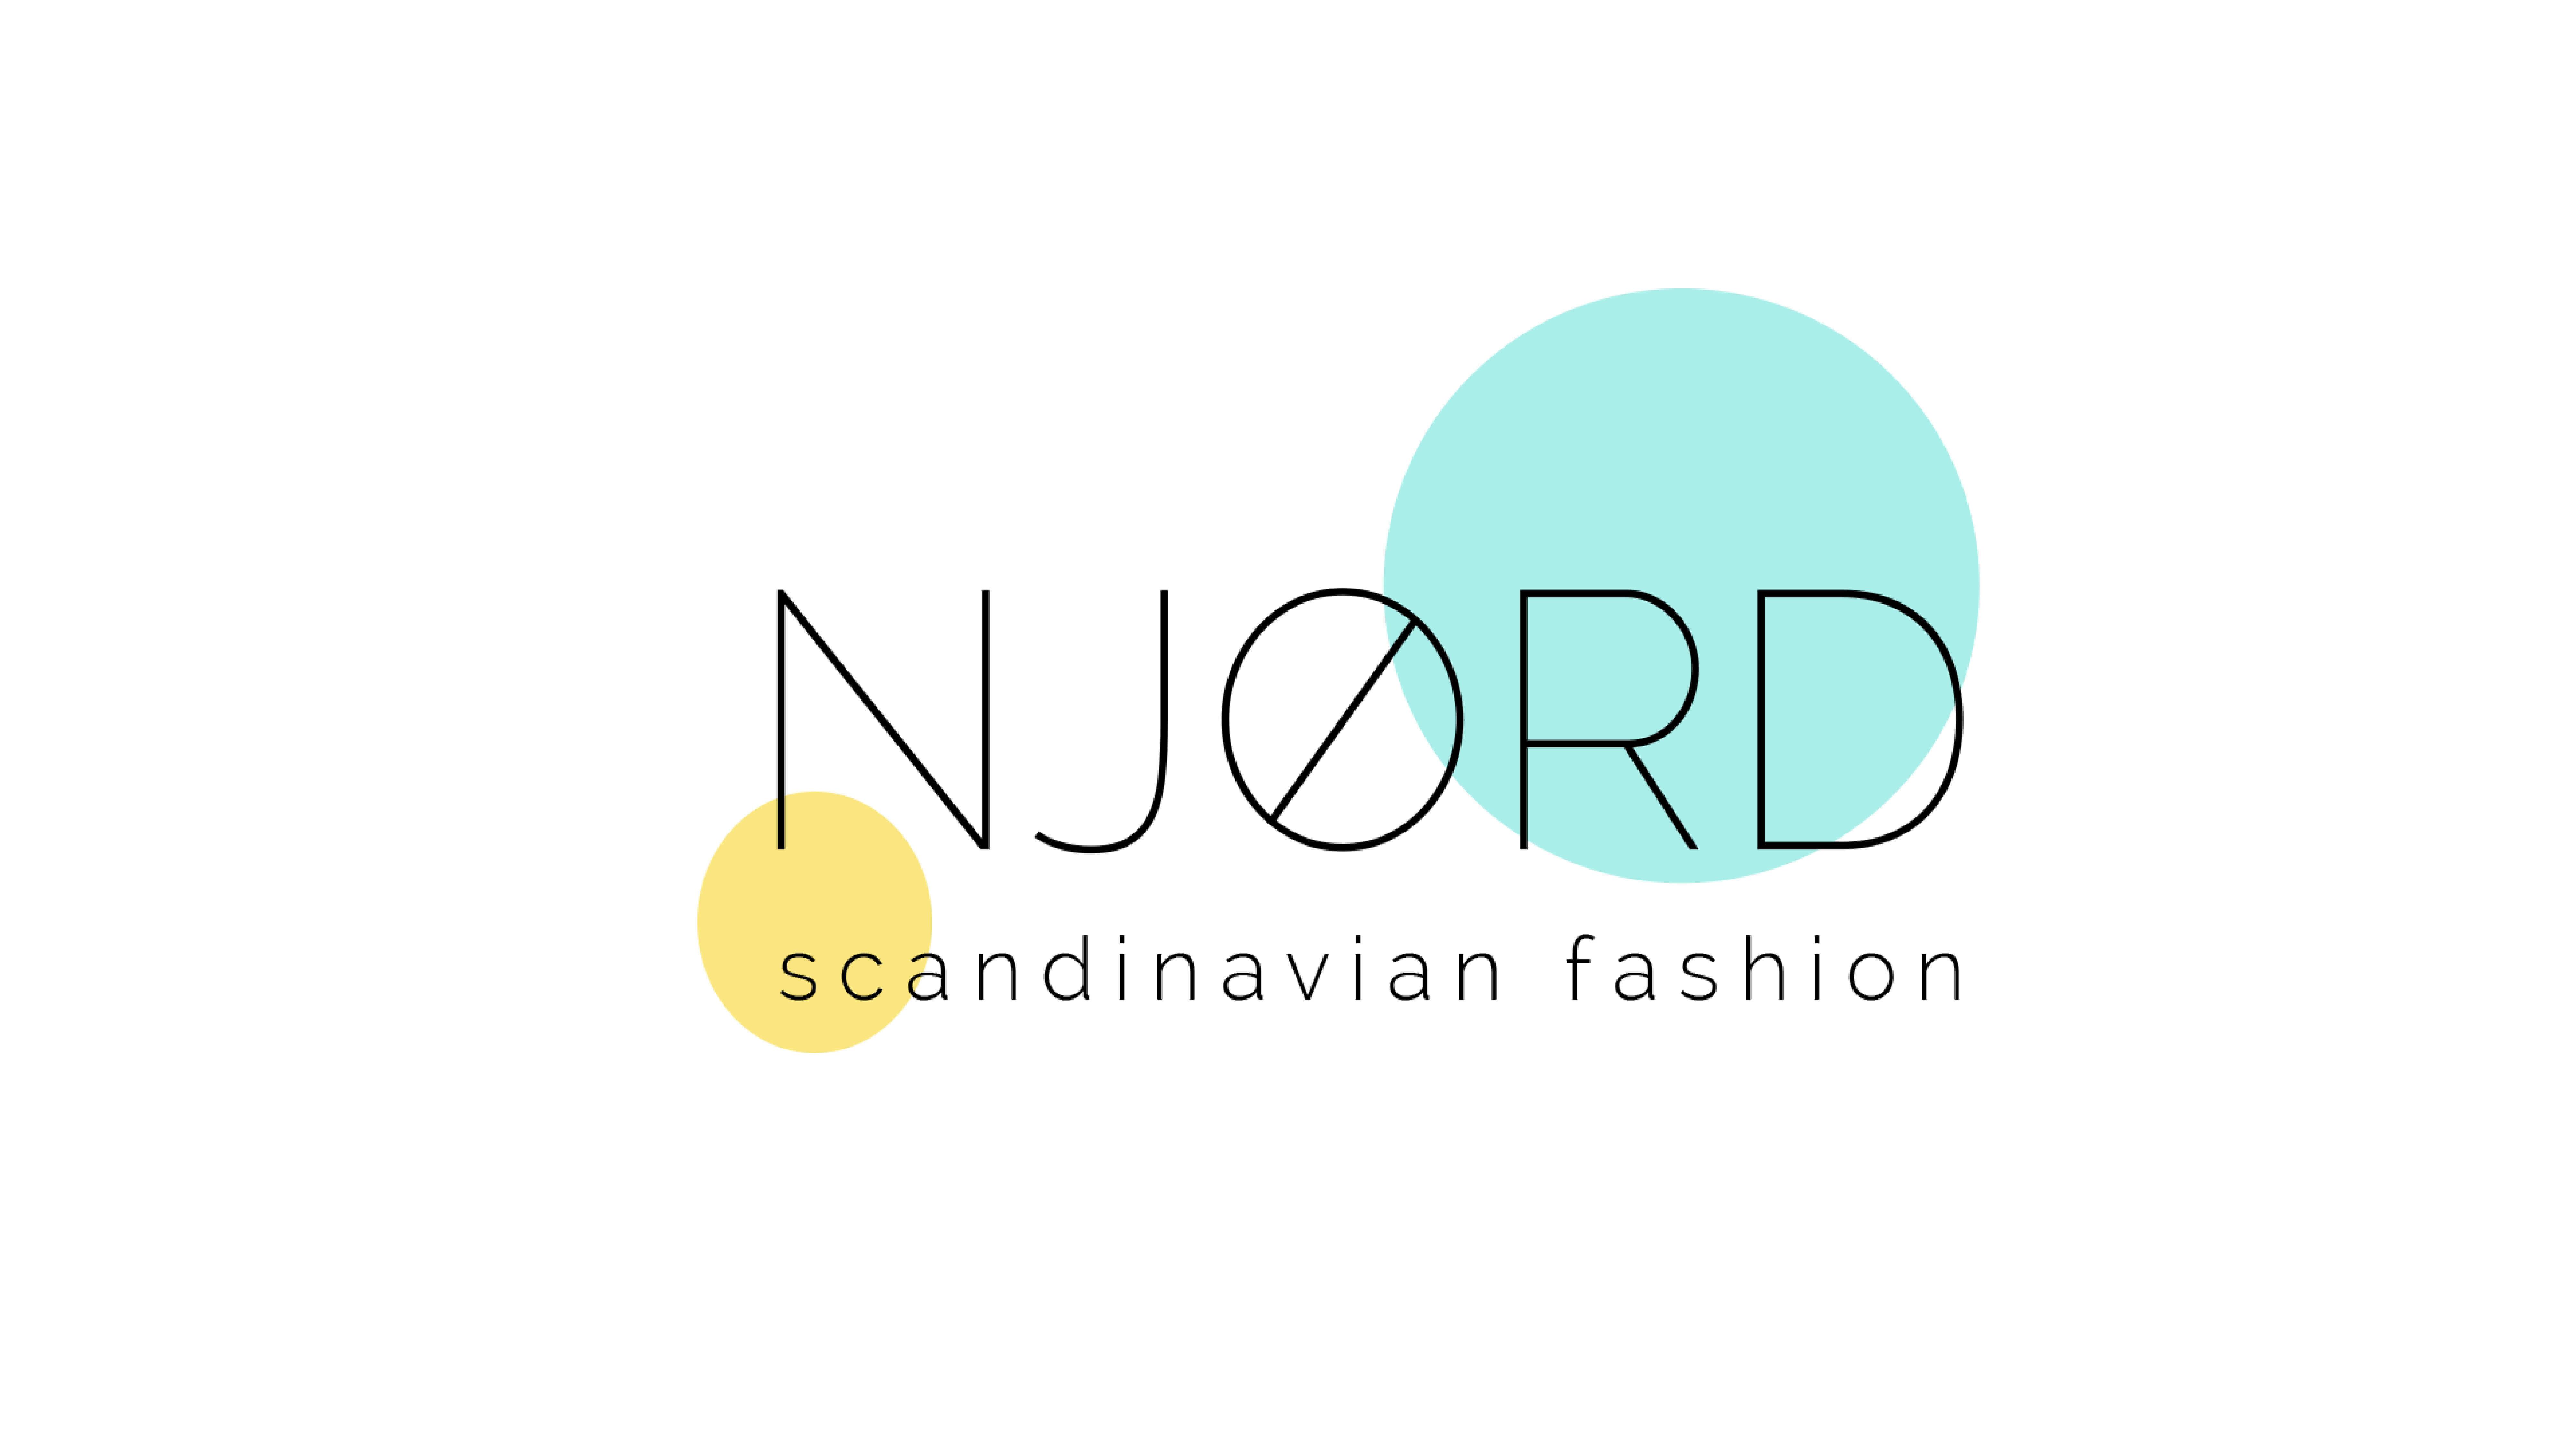 Vytvorenie moderného a minimalistického loga pre fashion značku